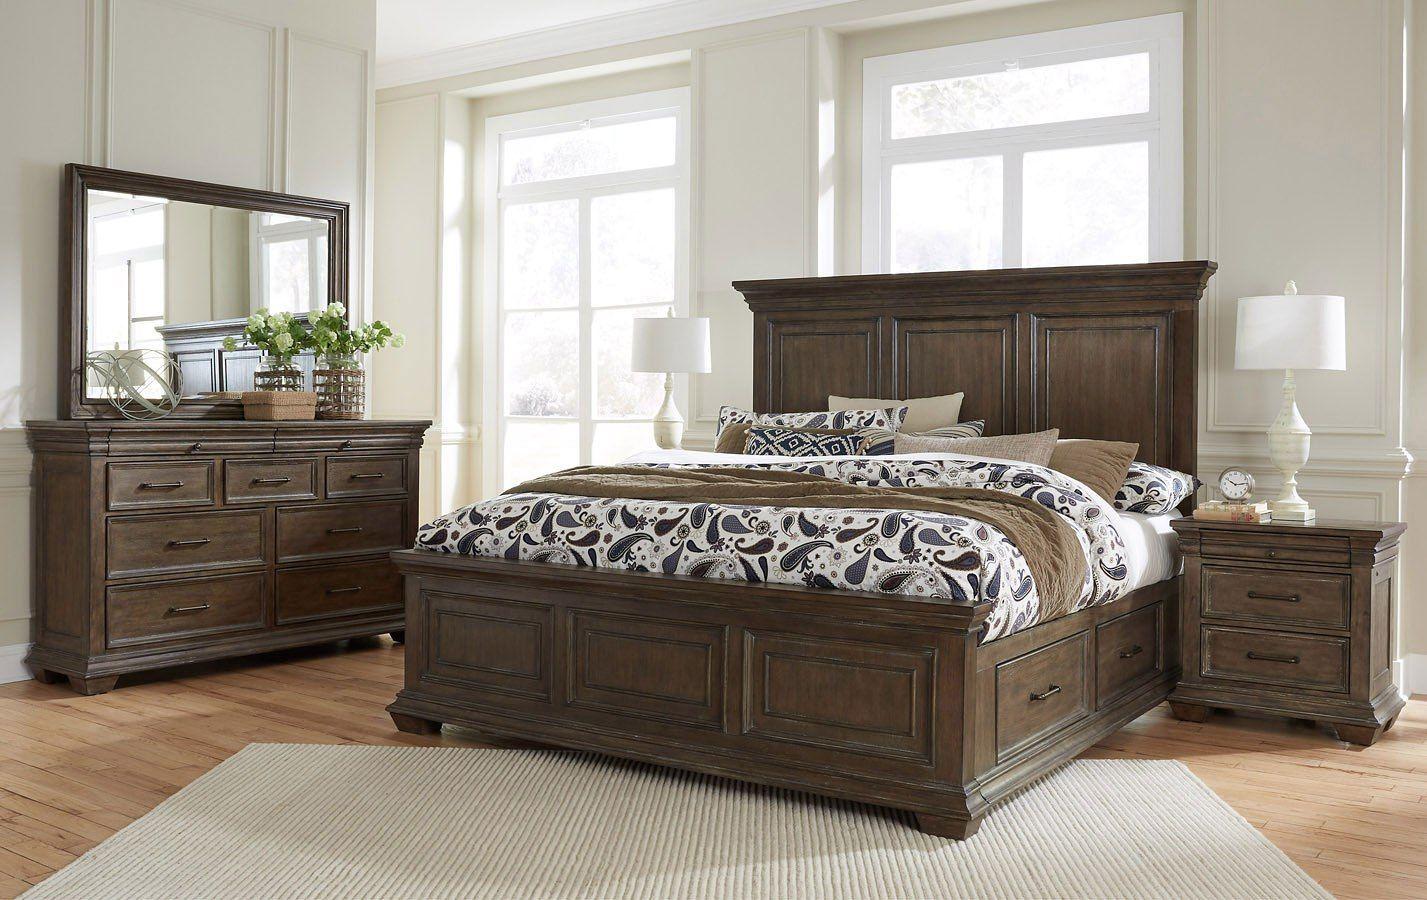 Pleasing Camden Storage Bedroom Set In 2019 Lookalike Bed Bedroom Home Interior And Landscaping Palasignezvosmurscom